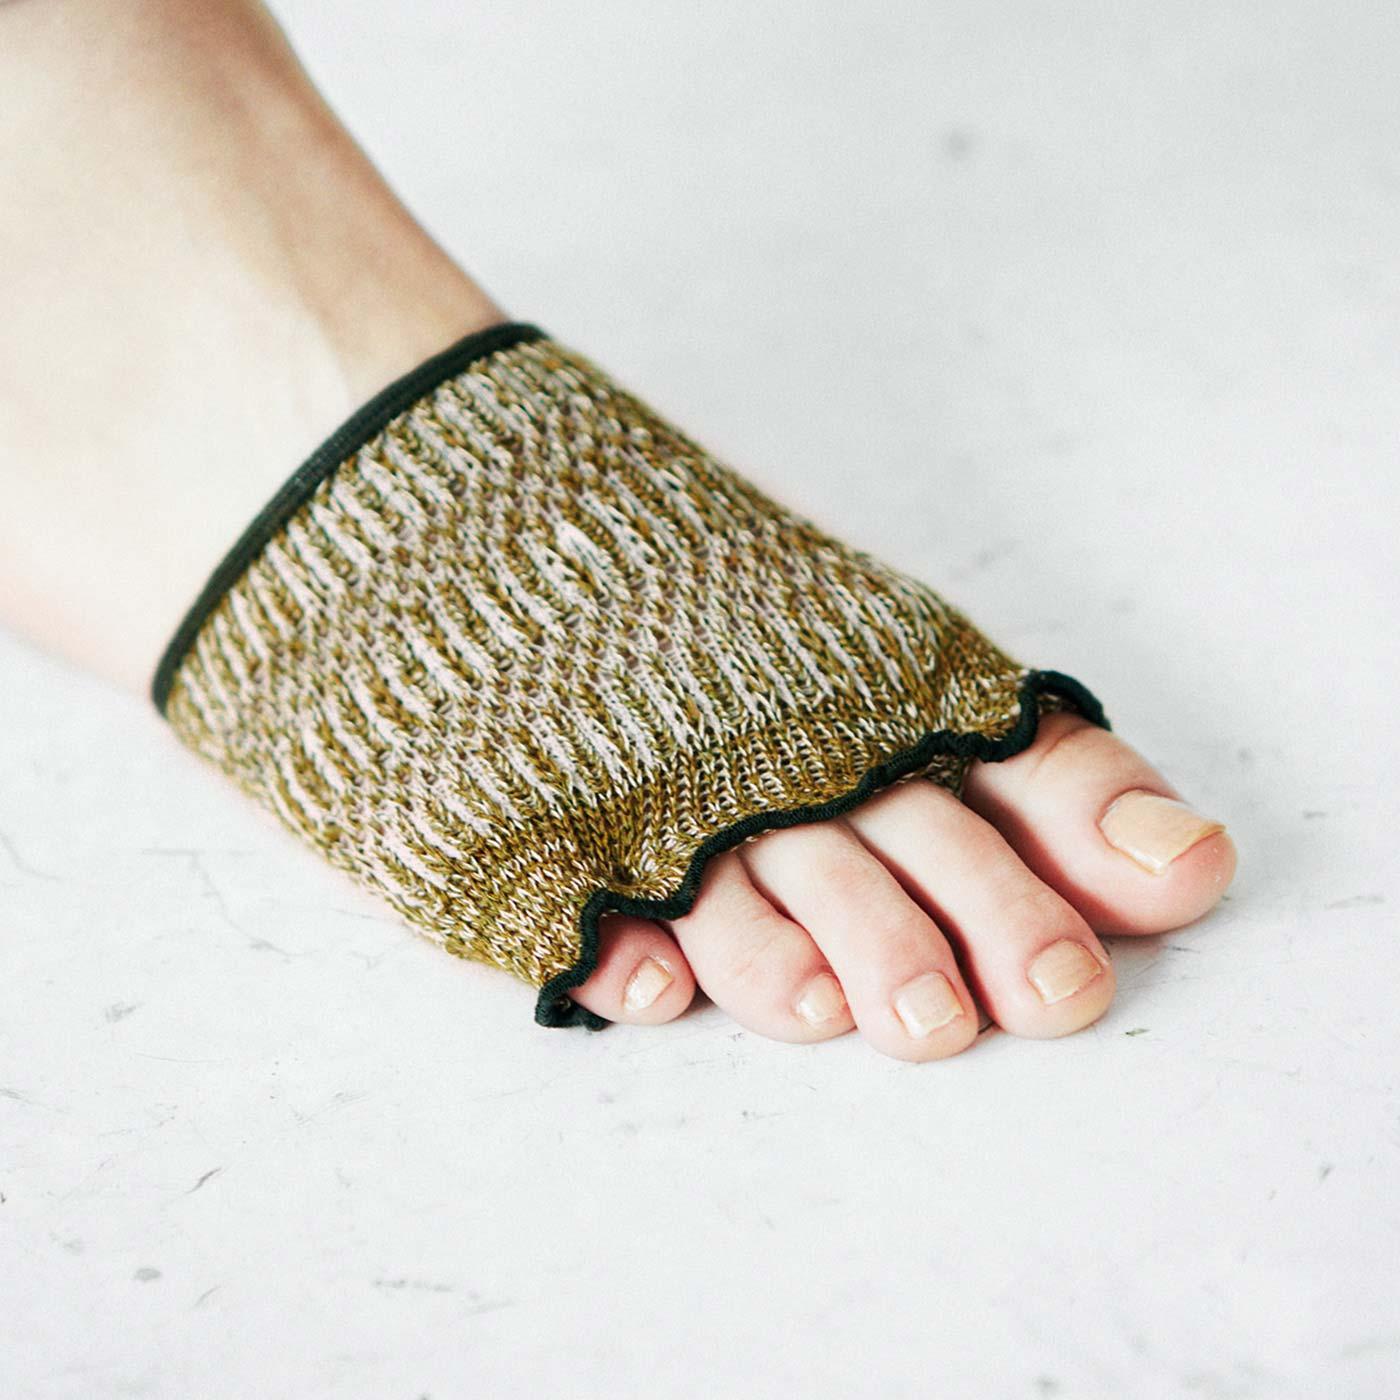 親指、中央、小指の3つのホールに分けて指を入れるので、トングタイプの指また擦れを軽減します。